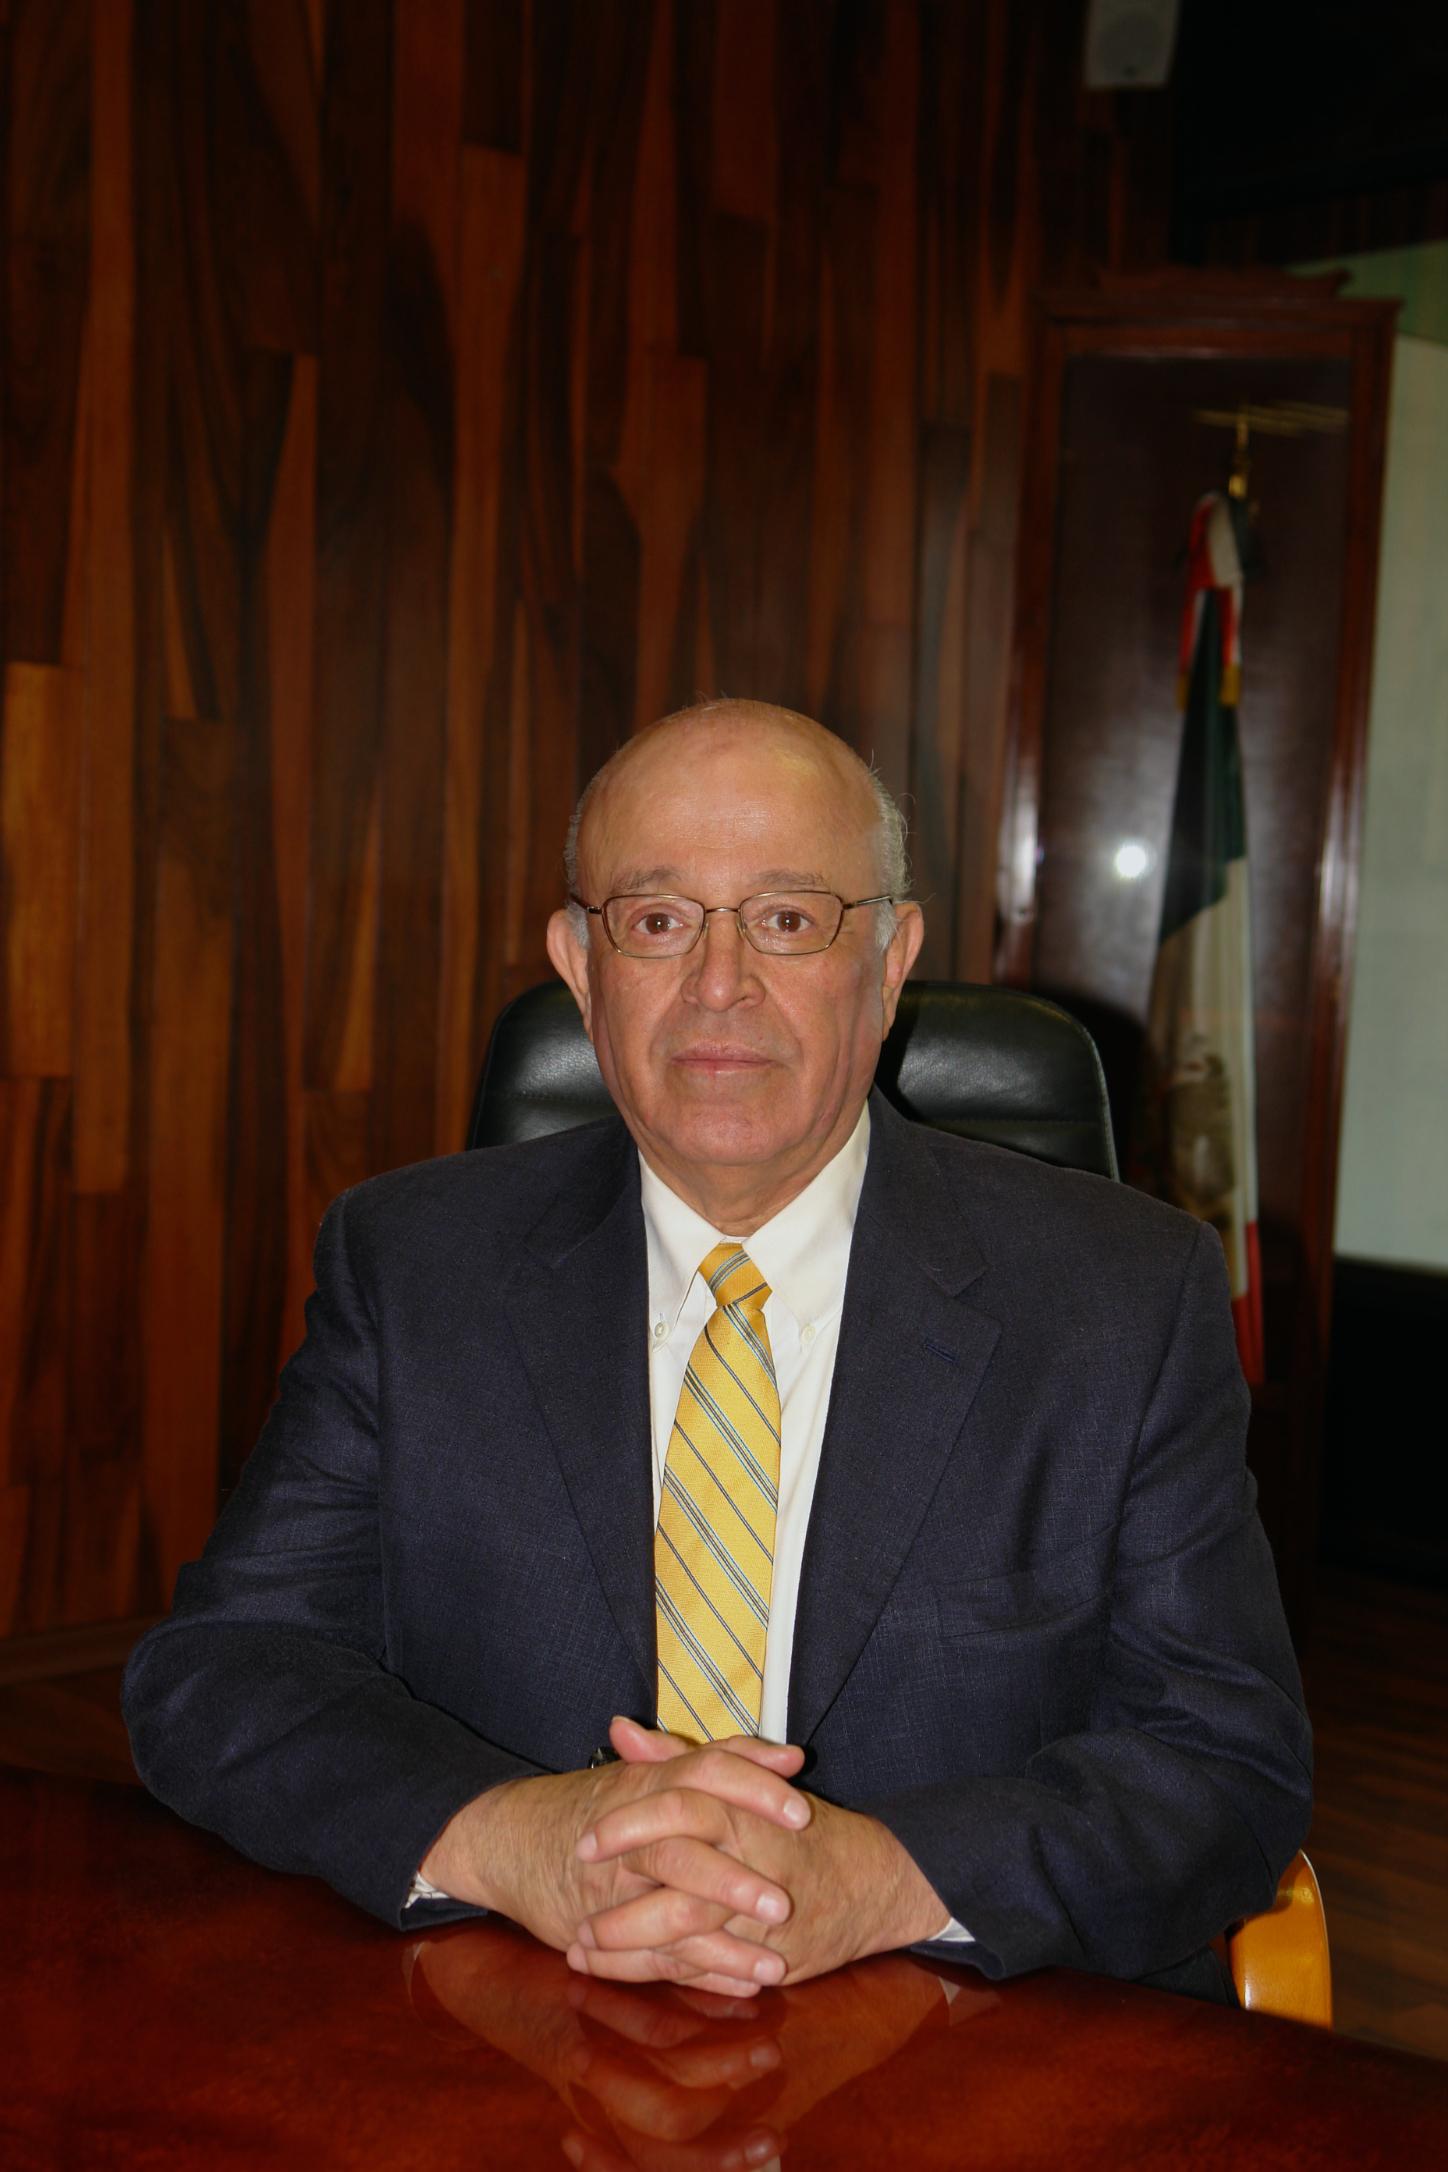 Lic. Gilberto Vargas Muñoz